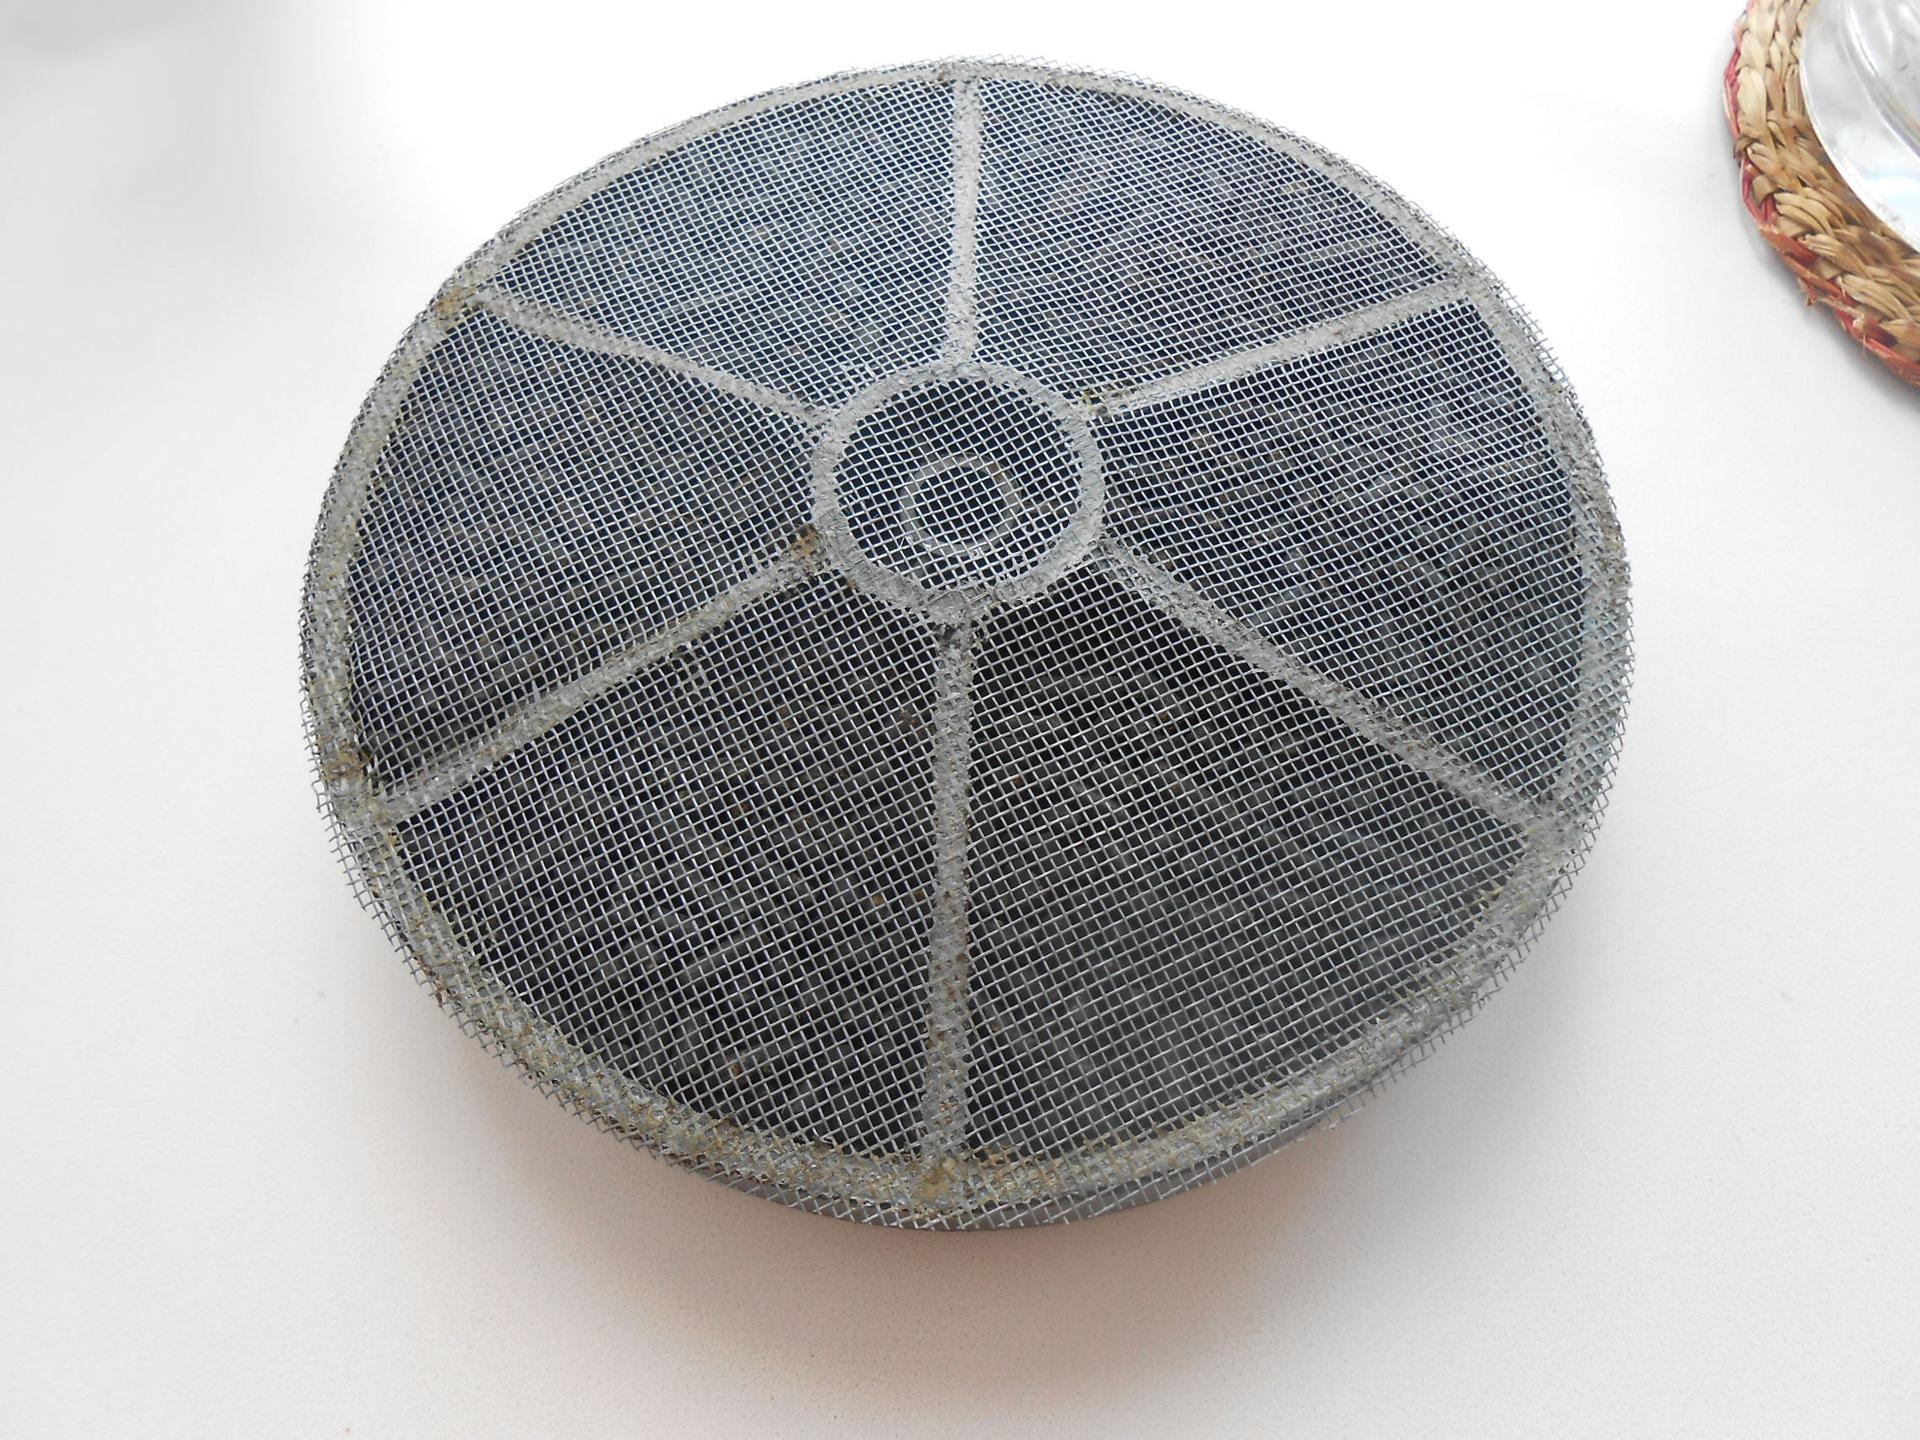 Угольный фильтр для вытяжки — чем отличается от обычных + правила грамотной эксплуатации